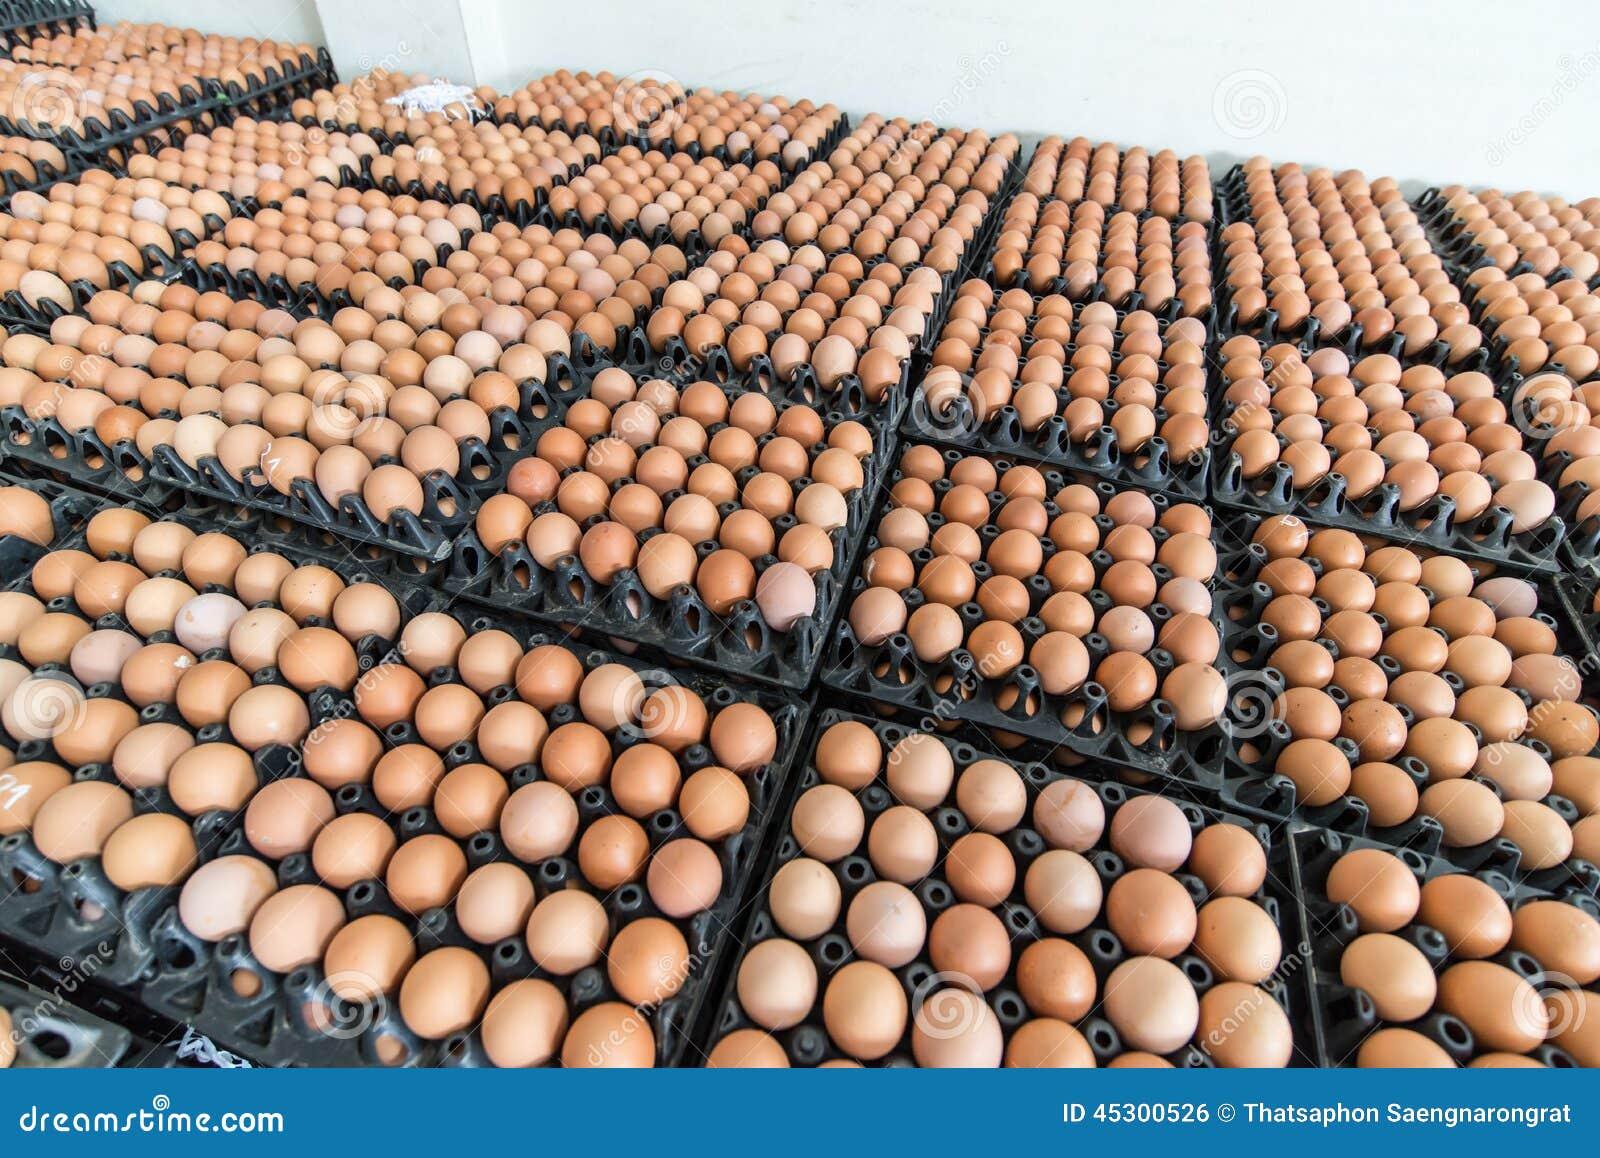 Huevos Preservados En Mercado De La Venta Al Por Mayor Del Panel ... fff4cd7e7558d